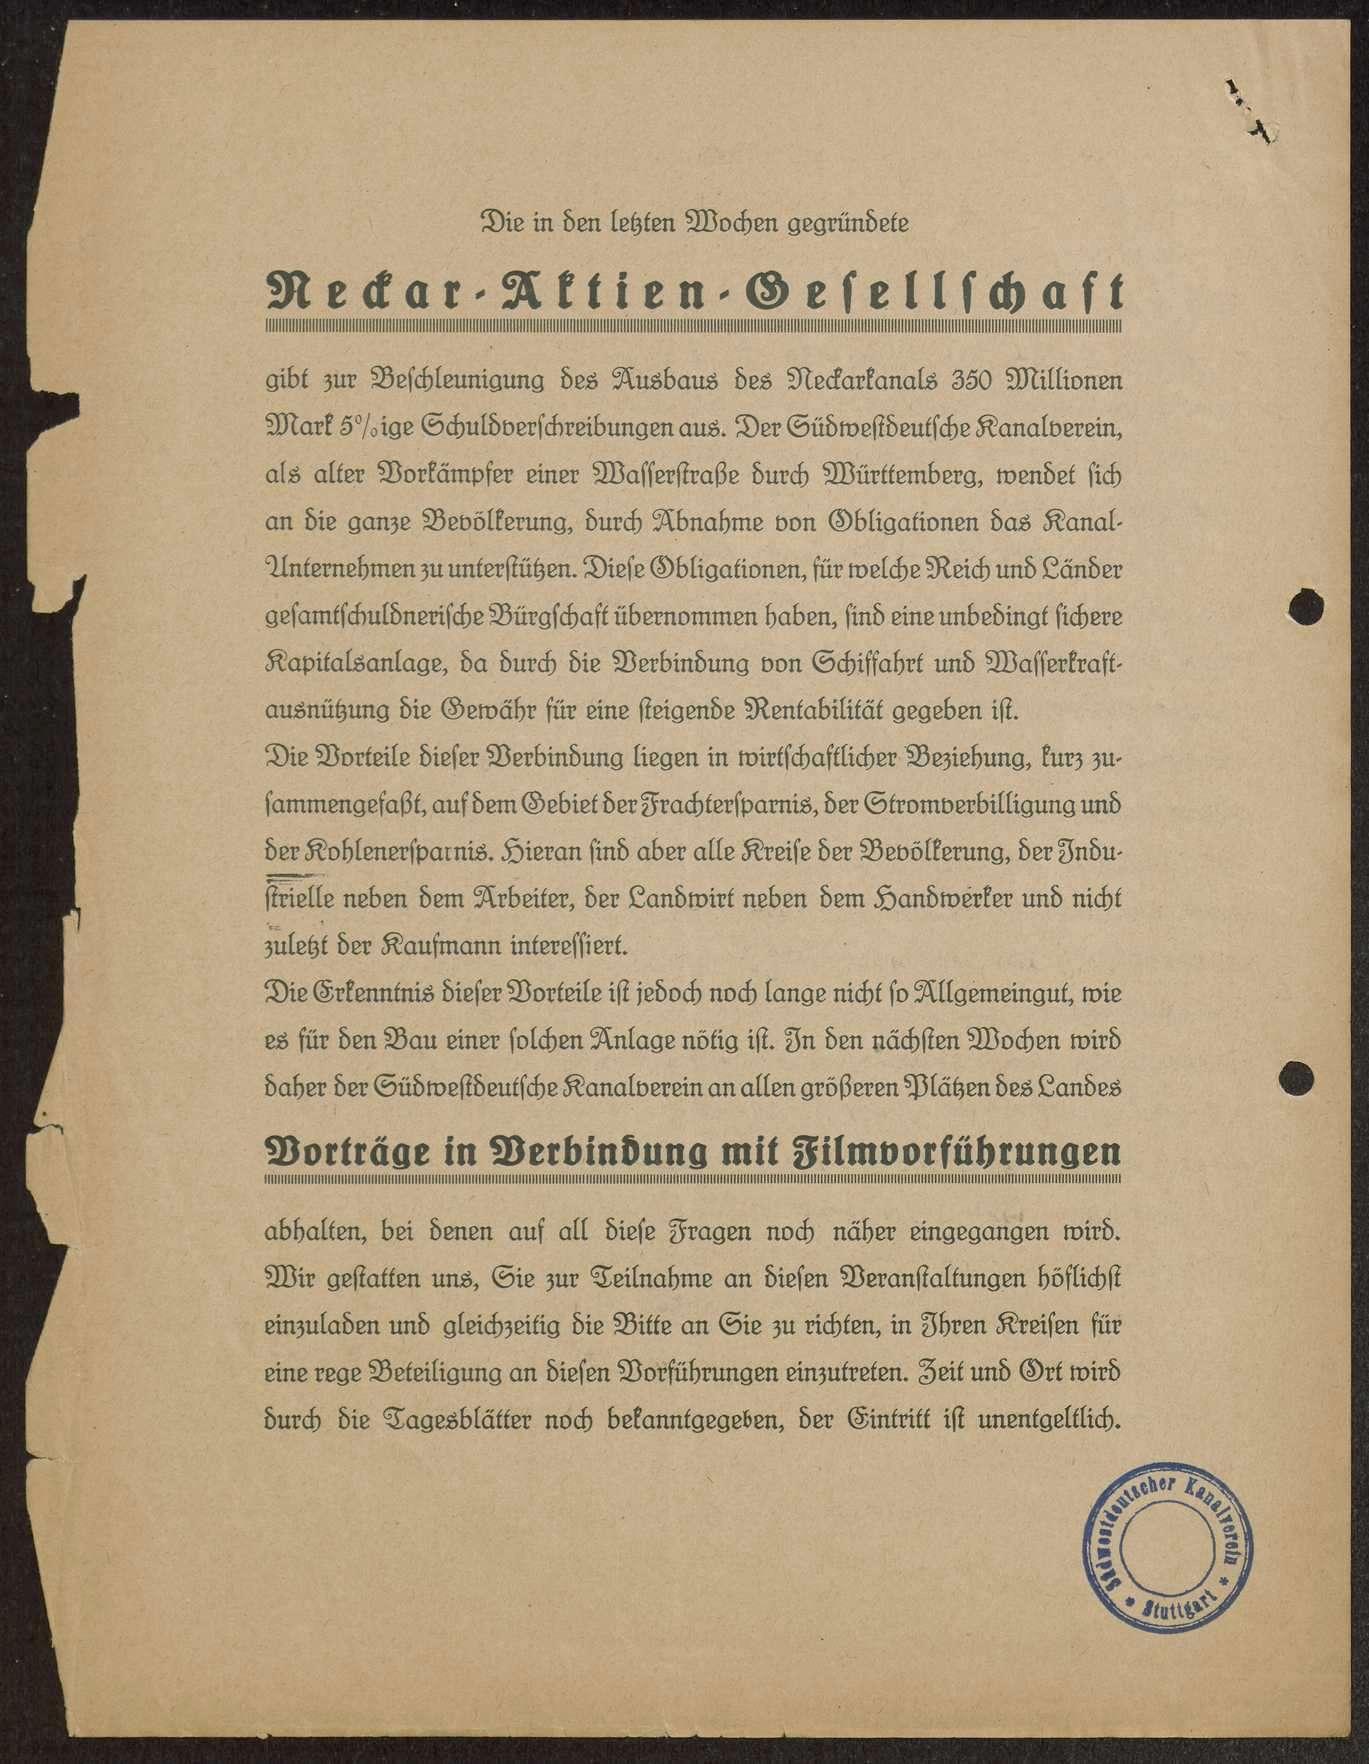 """Zur Einkommensteuer der Festbesoldeten"""" Zeitungsaufsatz von Minister a.D. Dr. Schall, Bild 2"""